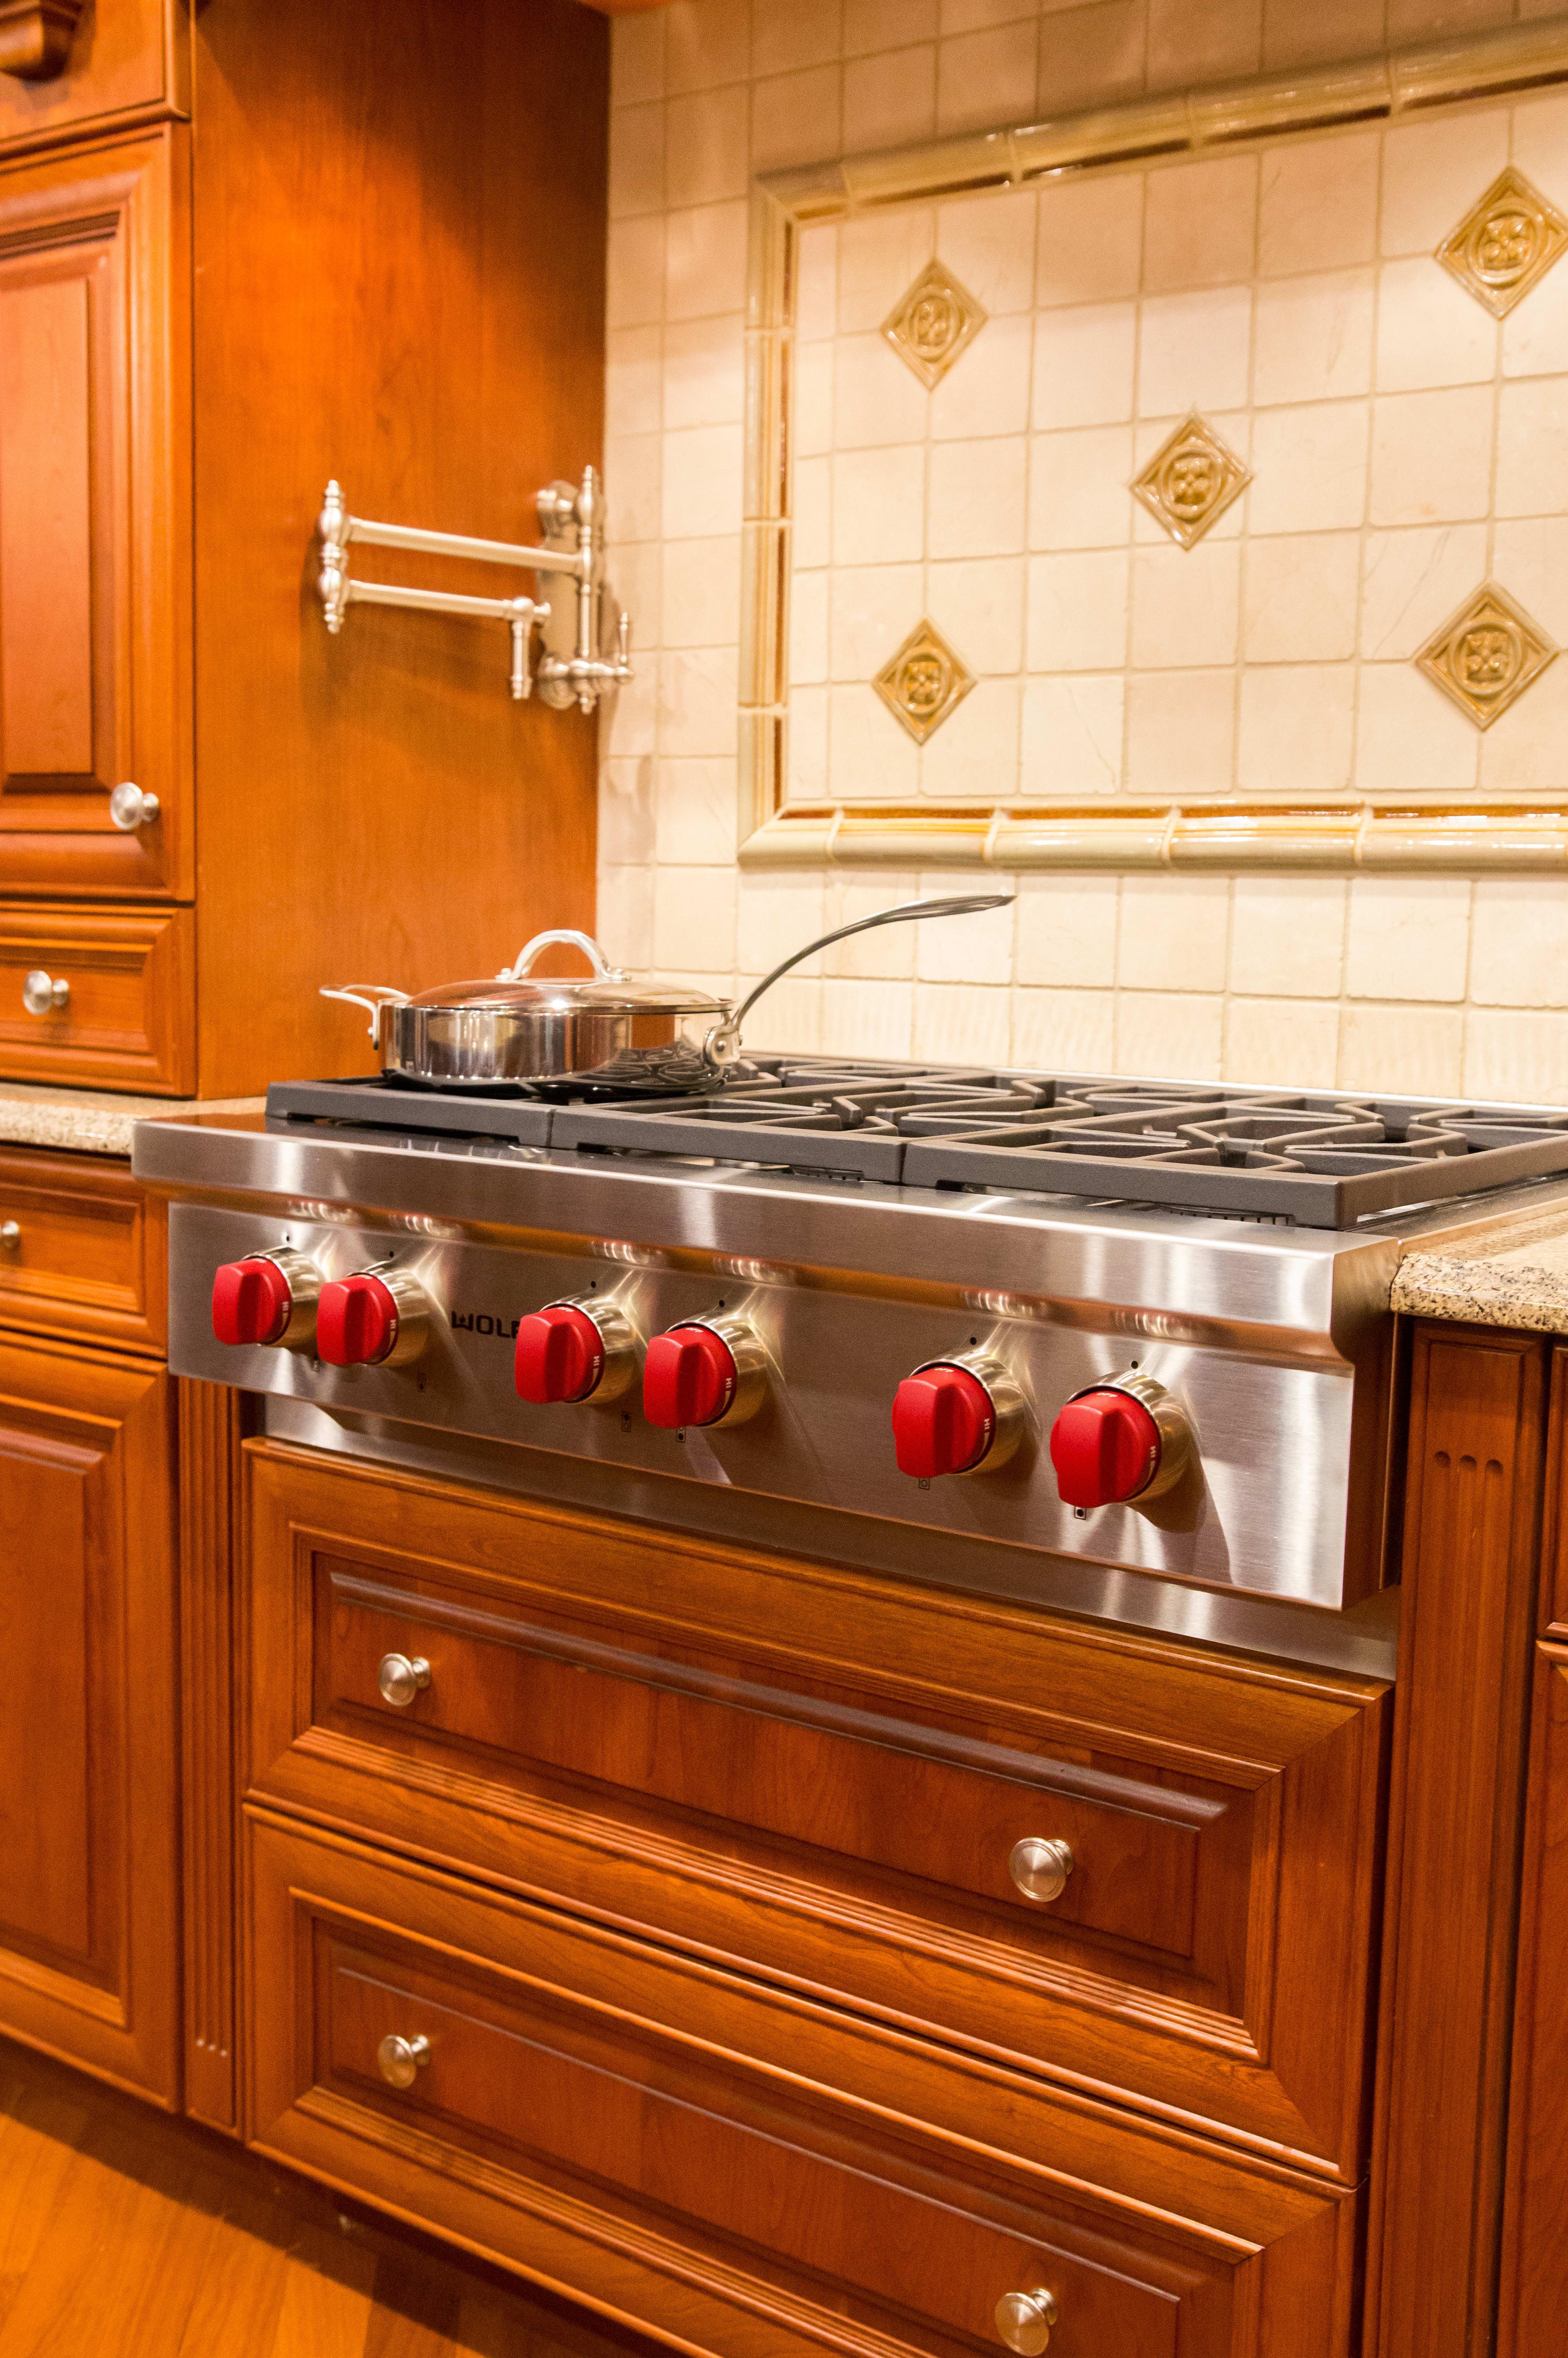 Rangetop installed in kitchen